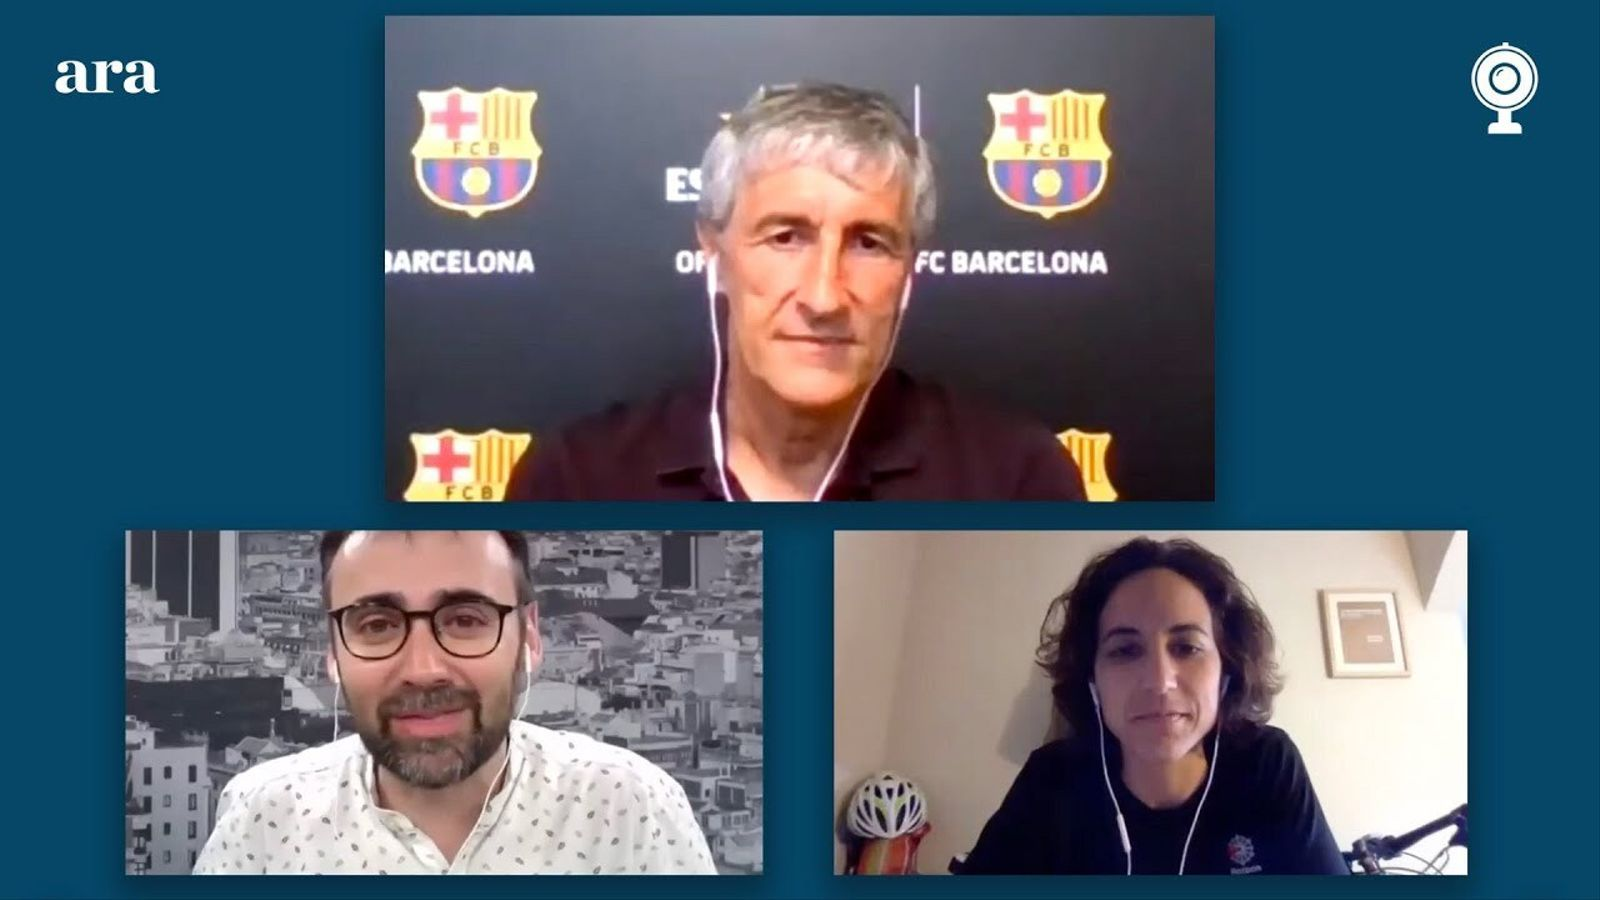 Entrevista de Toni Padilla i Natalia Arroyo a Quique Setién